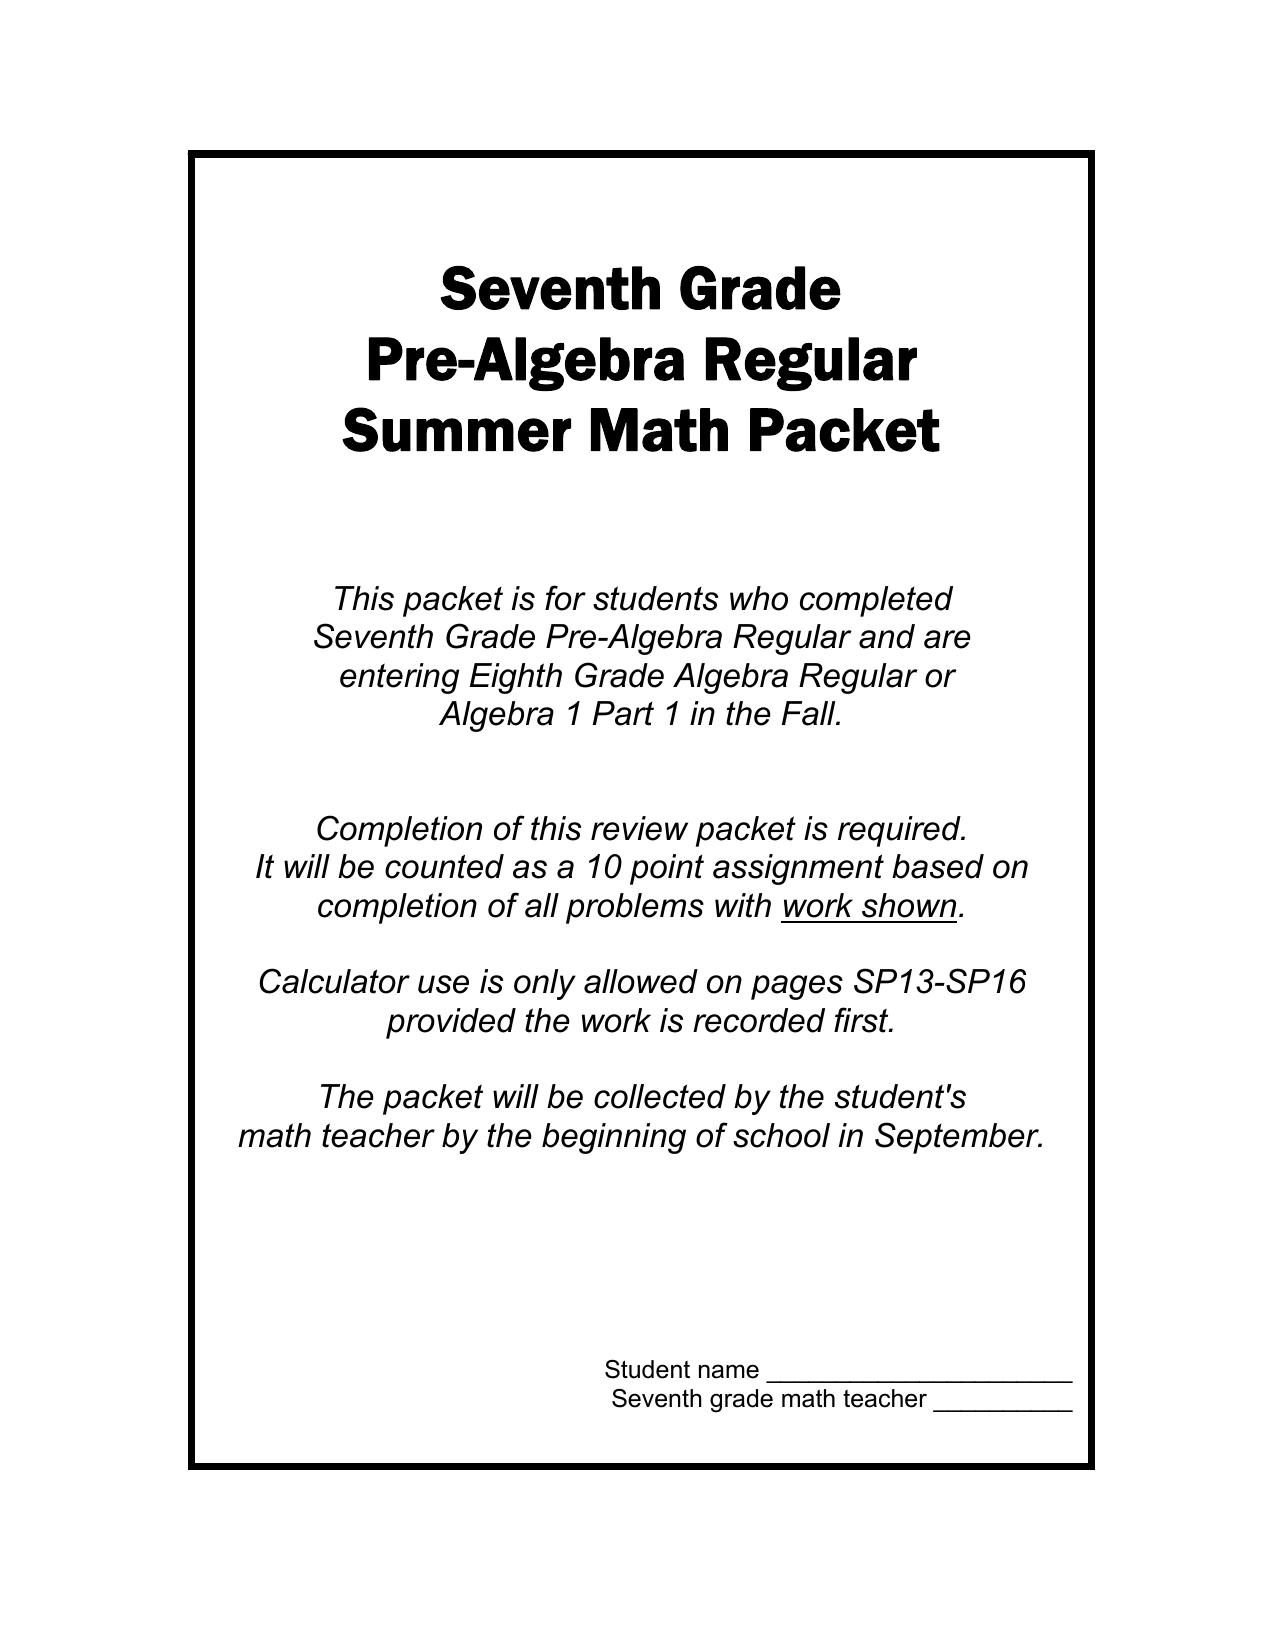 Seventh Grade Pre-Algebra Regular Summer Math Packet